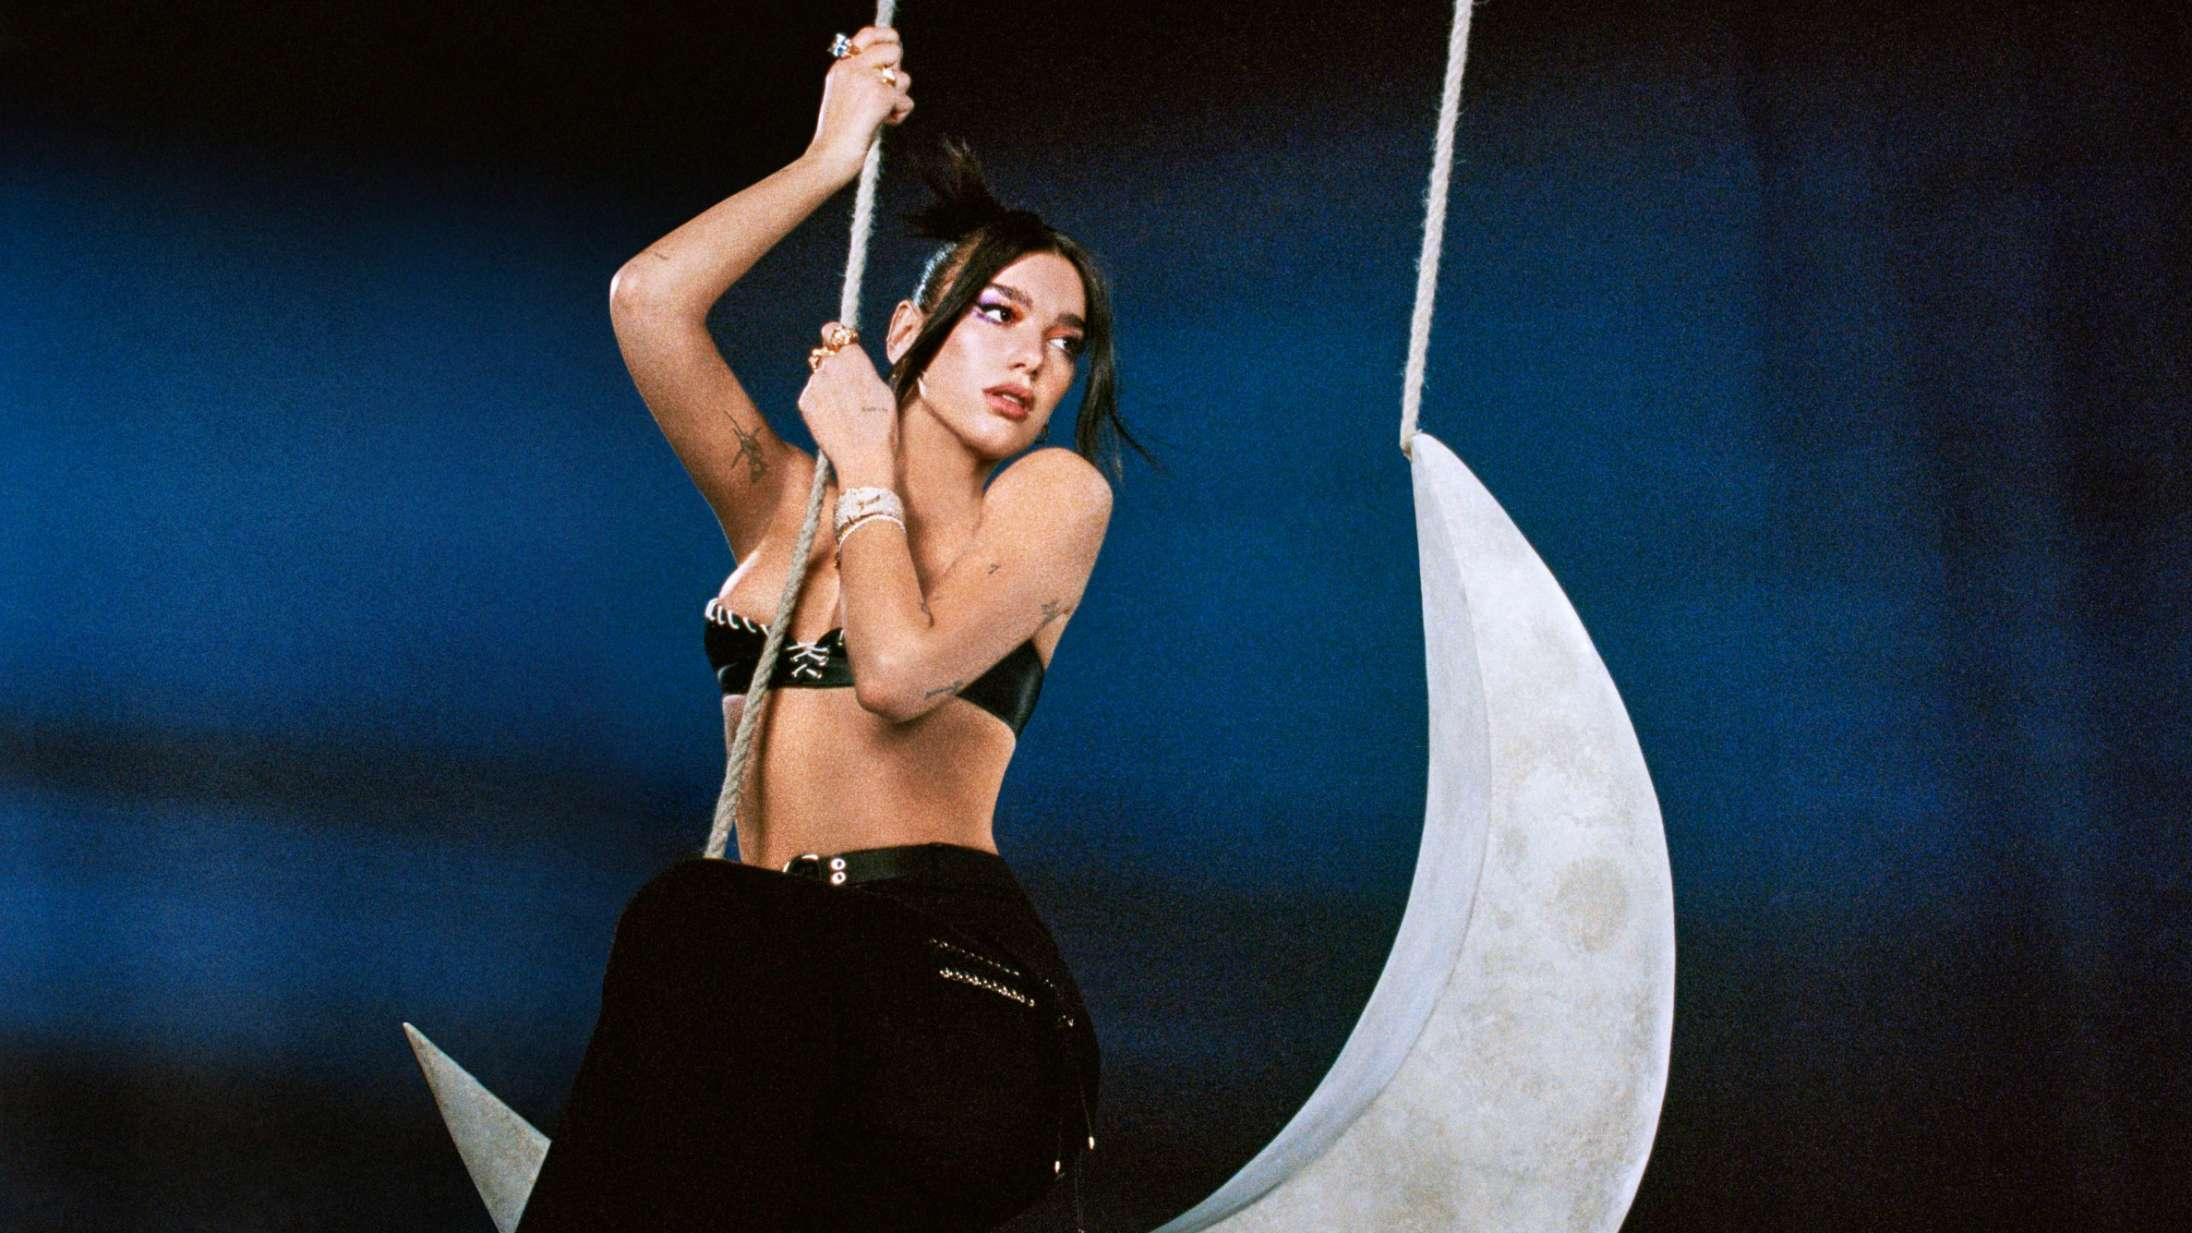 Dansker har produceret Dua Lipas nye single – se Titanic-videoen til 'We're Good'